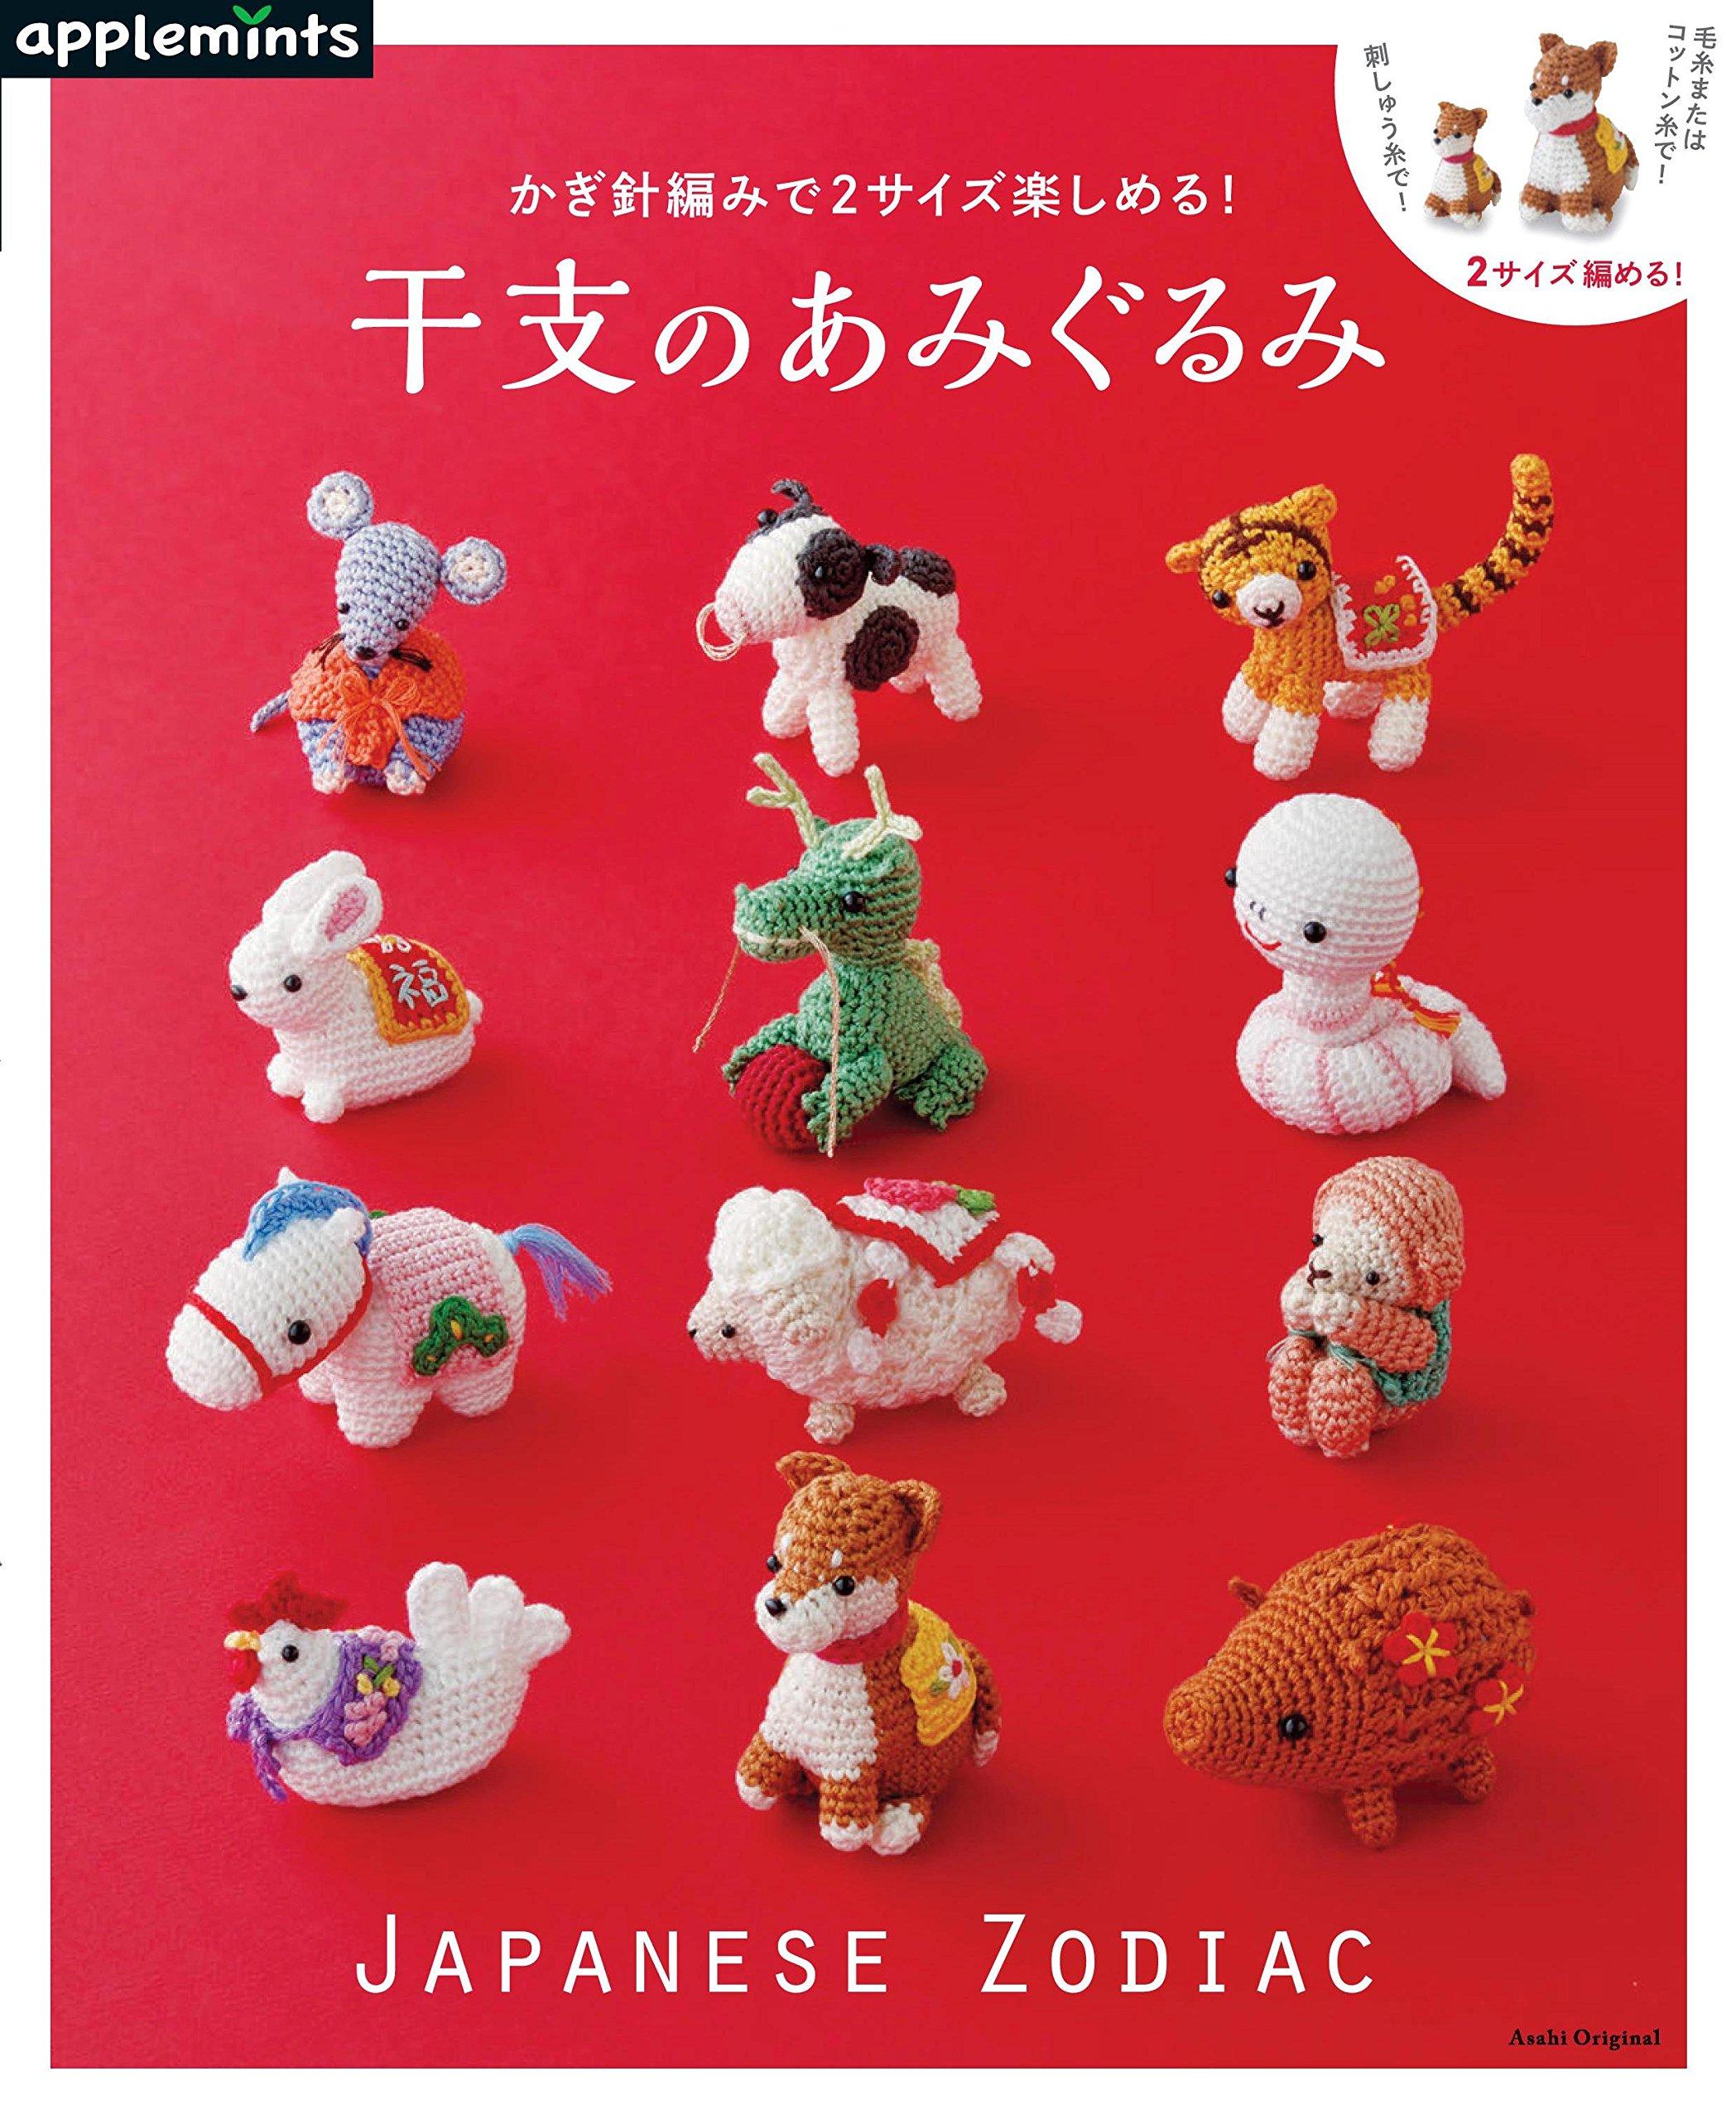 Ami Japnese Zodiac - 2 size in crochet